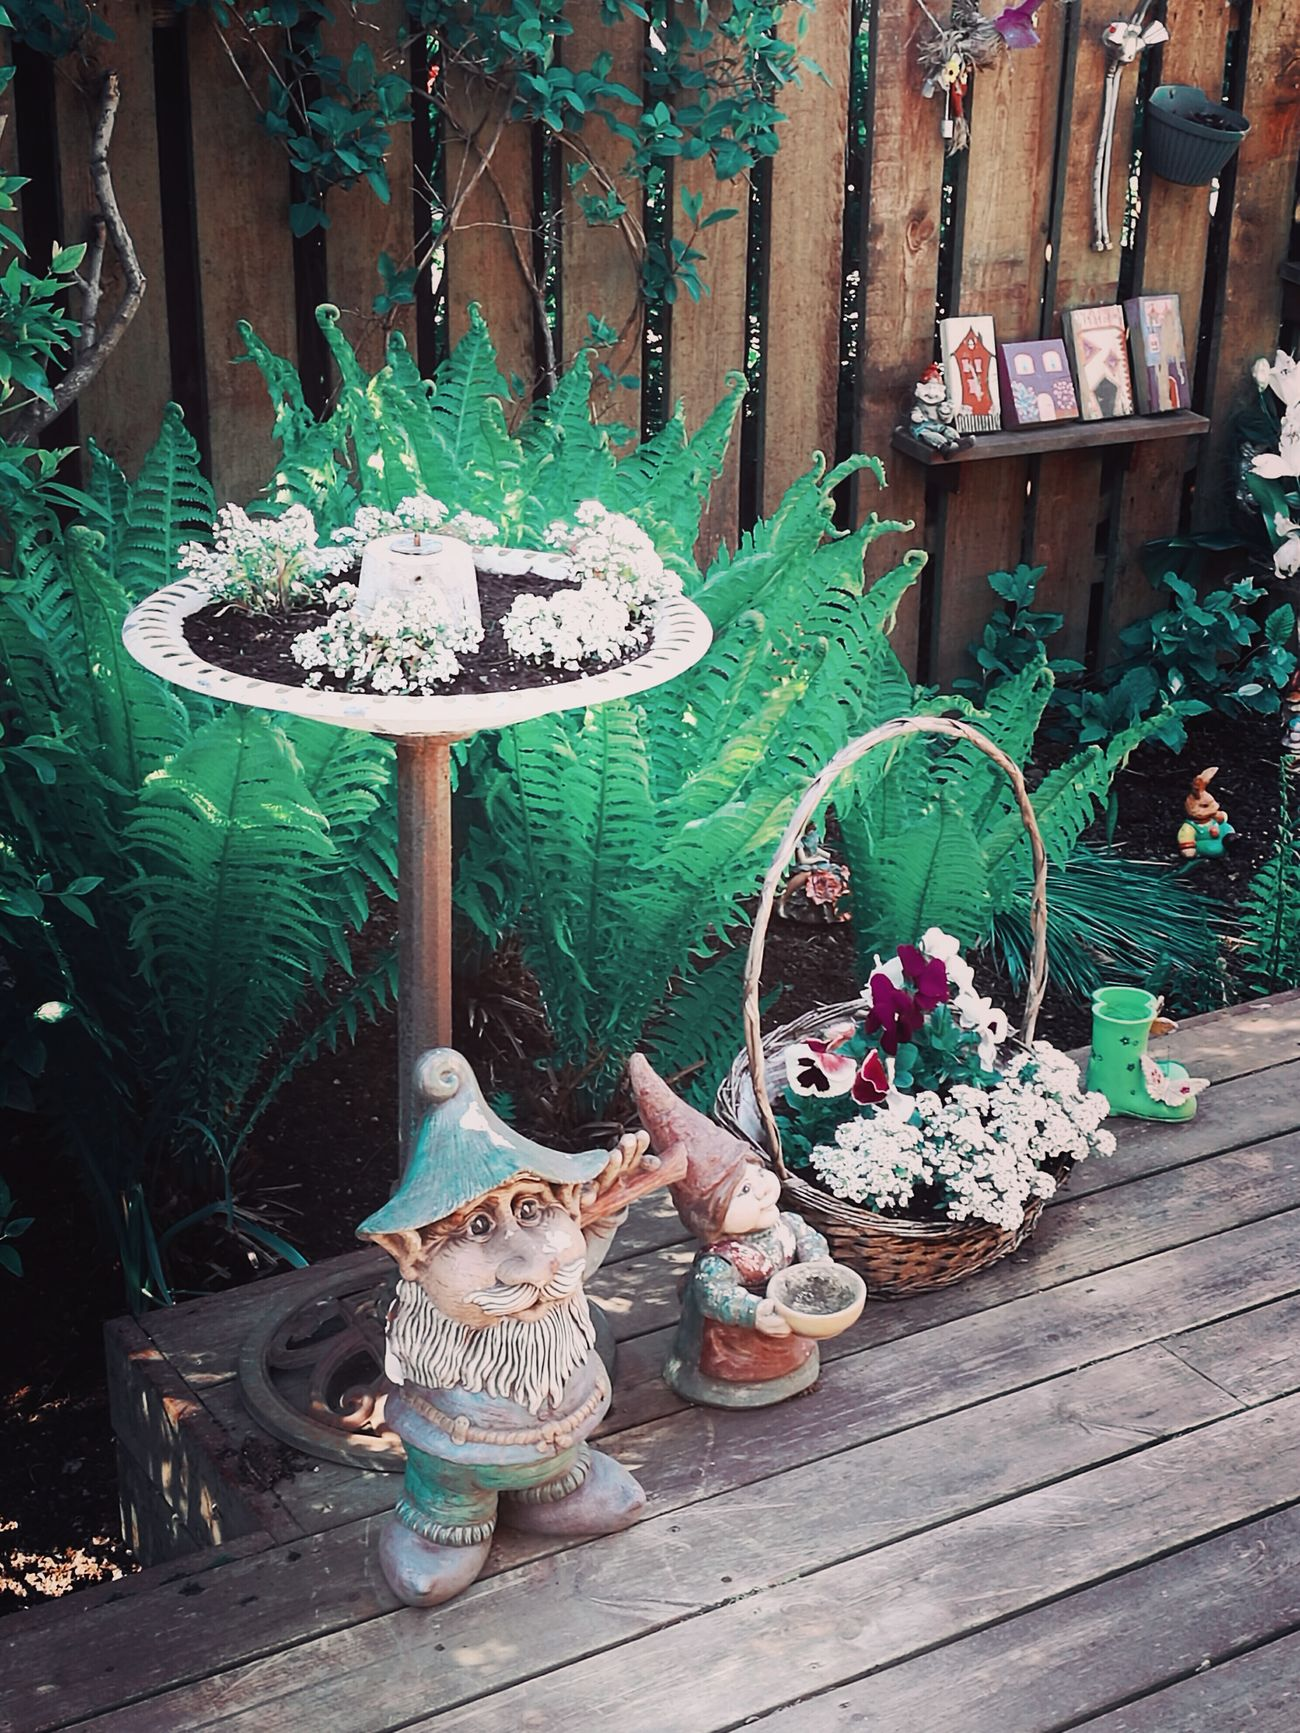 Adorable Garden Garden Photography Leprechauns Green Color Outdoors